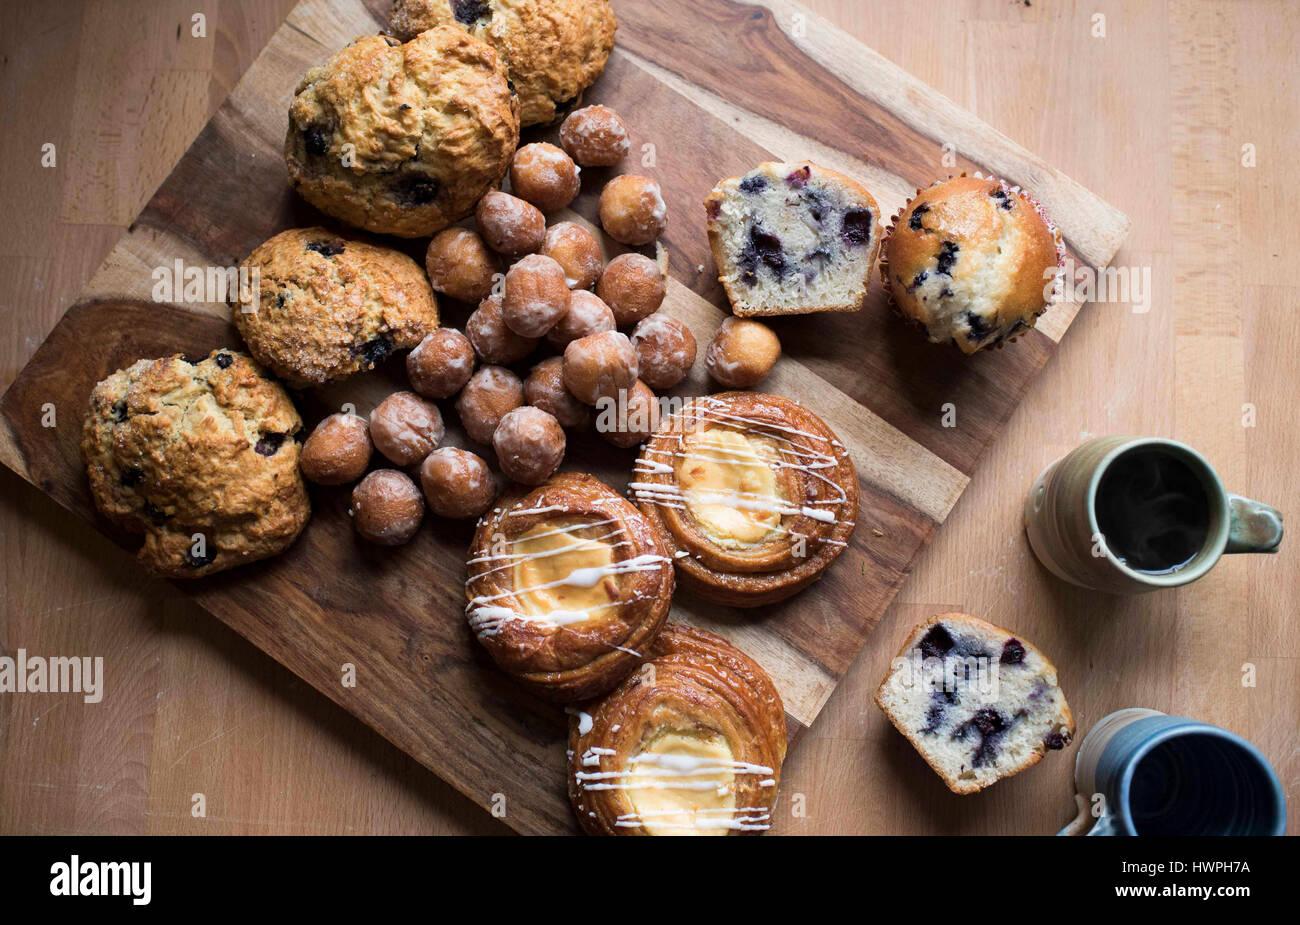 Un alto ángulo de vista de alimentos dulces con el café en la mesa de madera Imagen De Stock